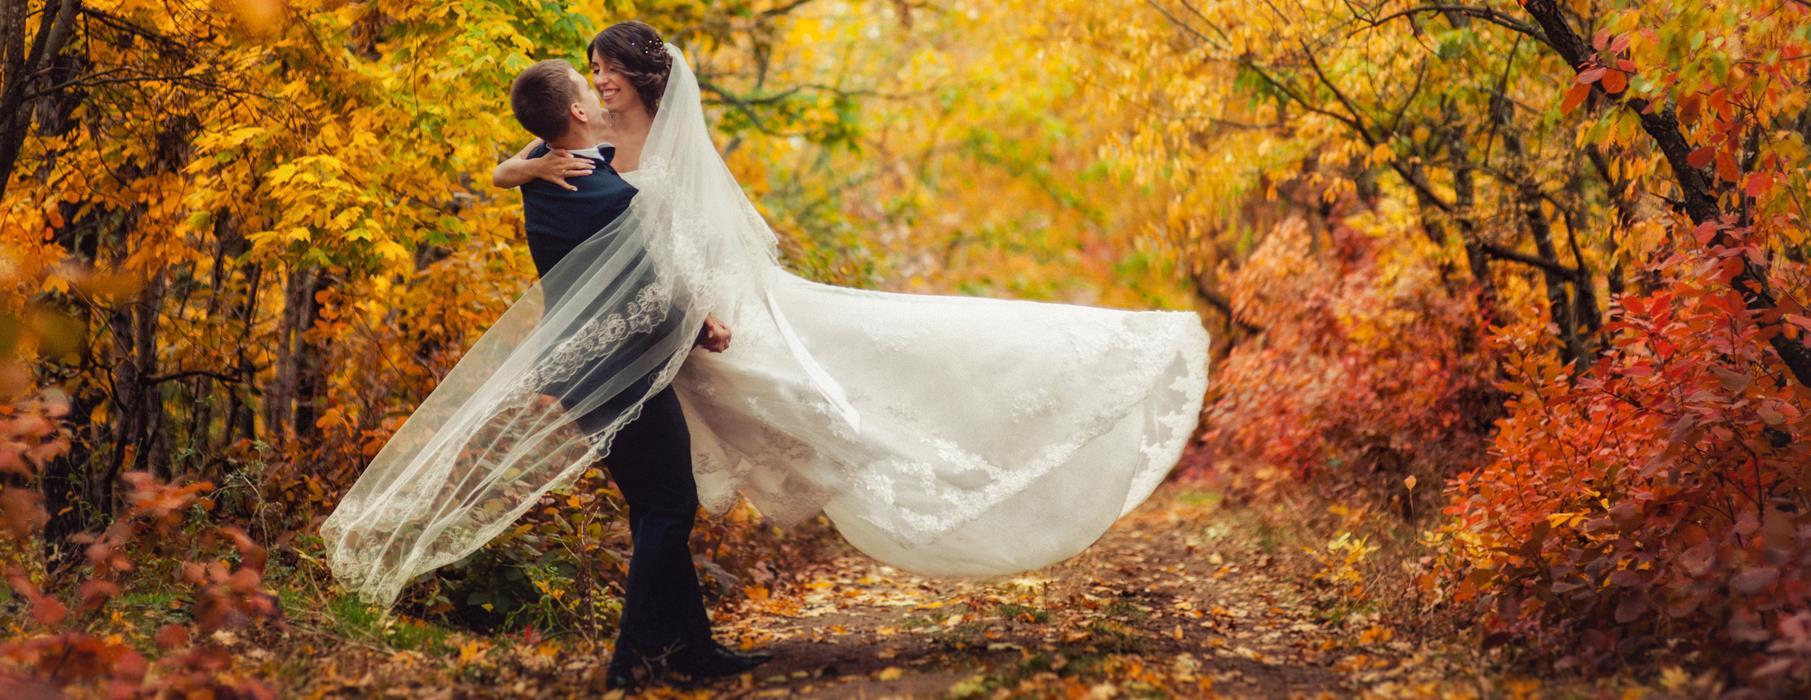 Matrimonio In Autunno : I motivi per scegliere di sposarsi in autunno clara couture